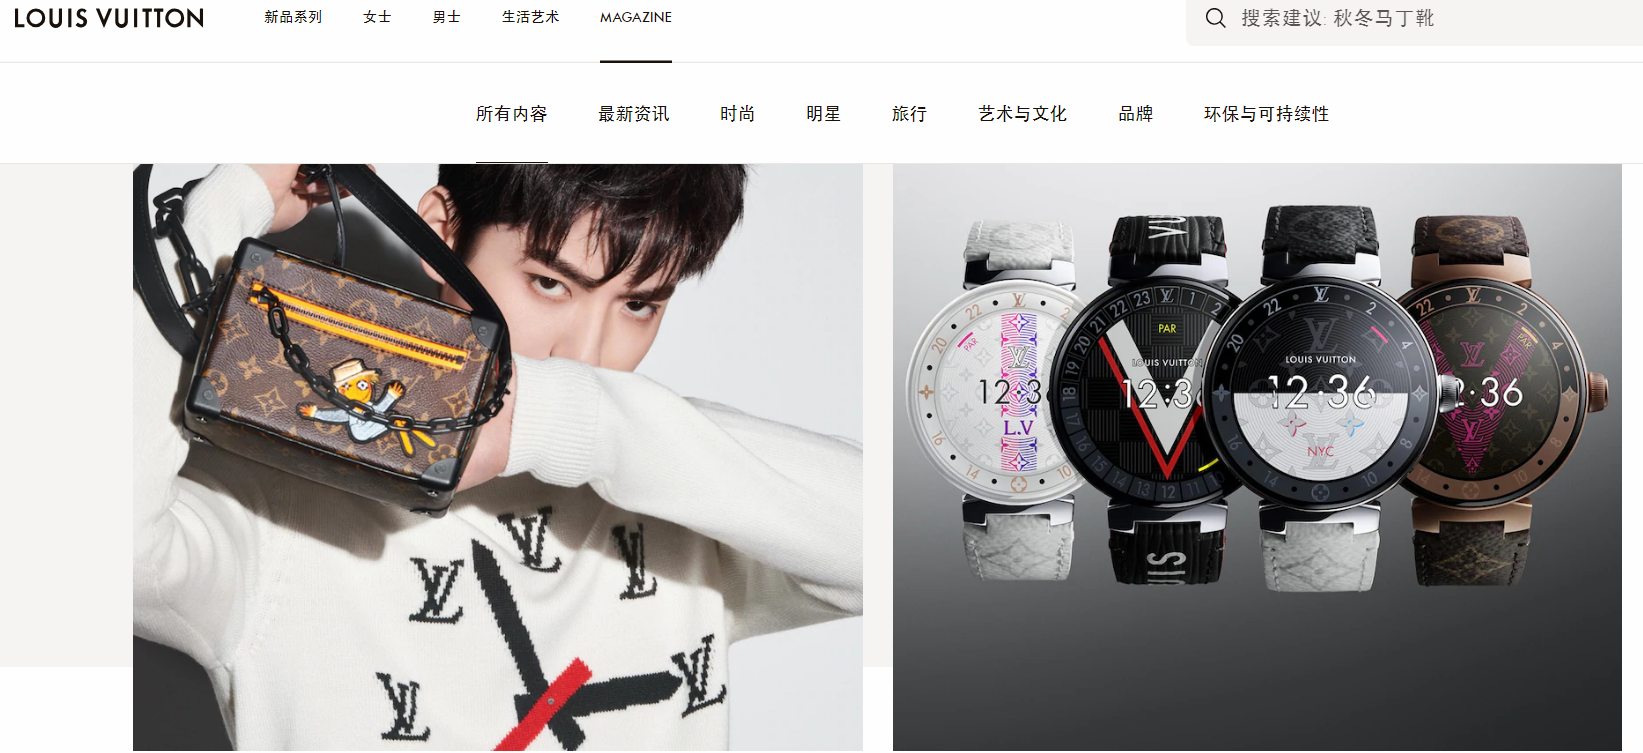 最新研究显示:Yeezy,Gucci、LV 三大品牌的仿冒品搜索量最大